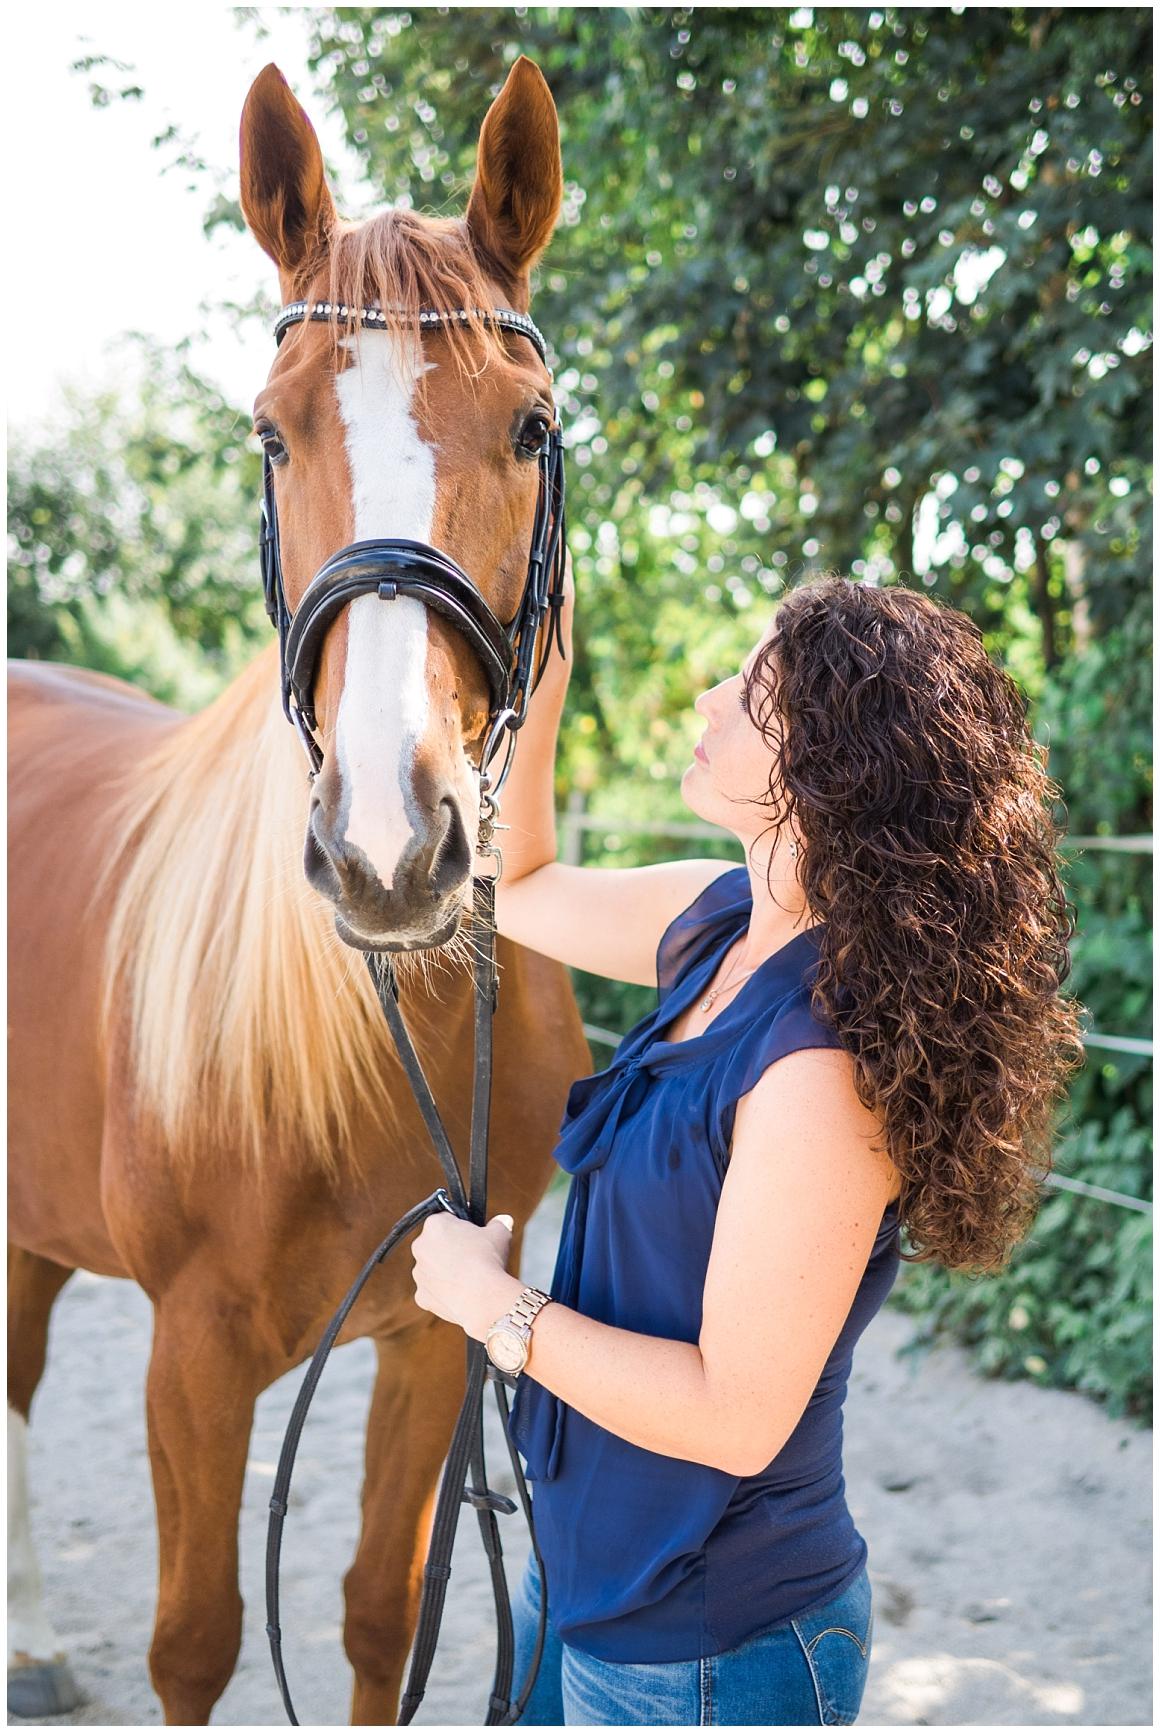 portraitfotos-mit-pferd-pferdefotograf-münchen-rosenheim-natürliche-fotos-katrin-kind-photography_0001.jpg